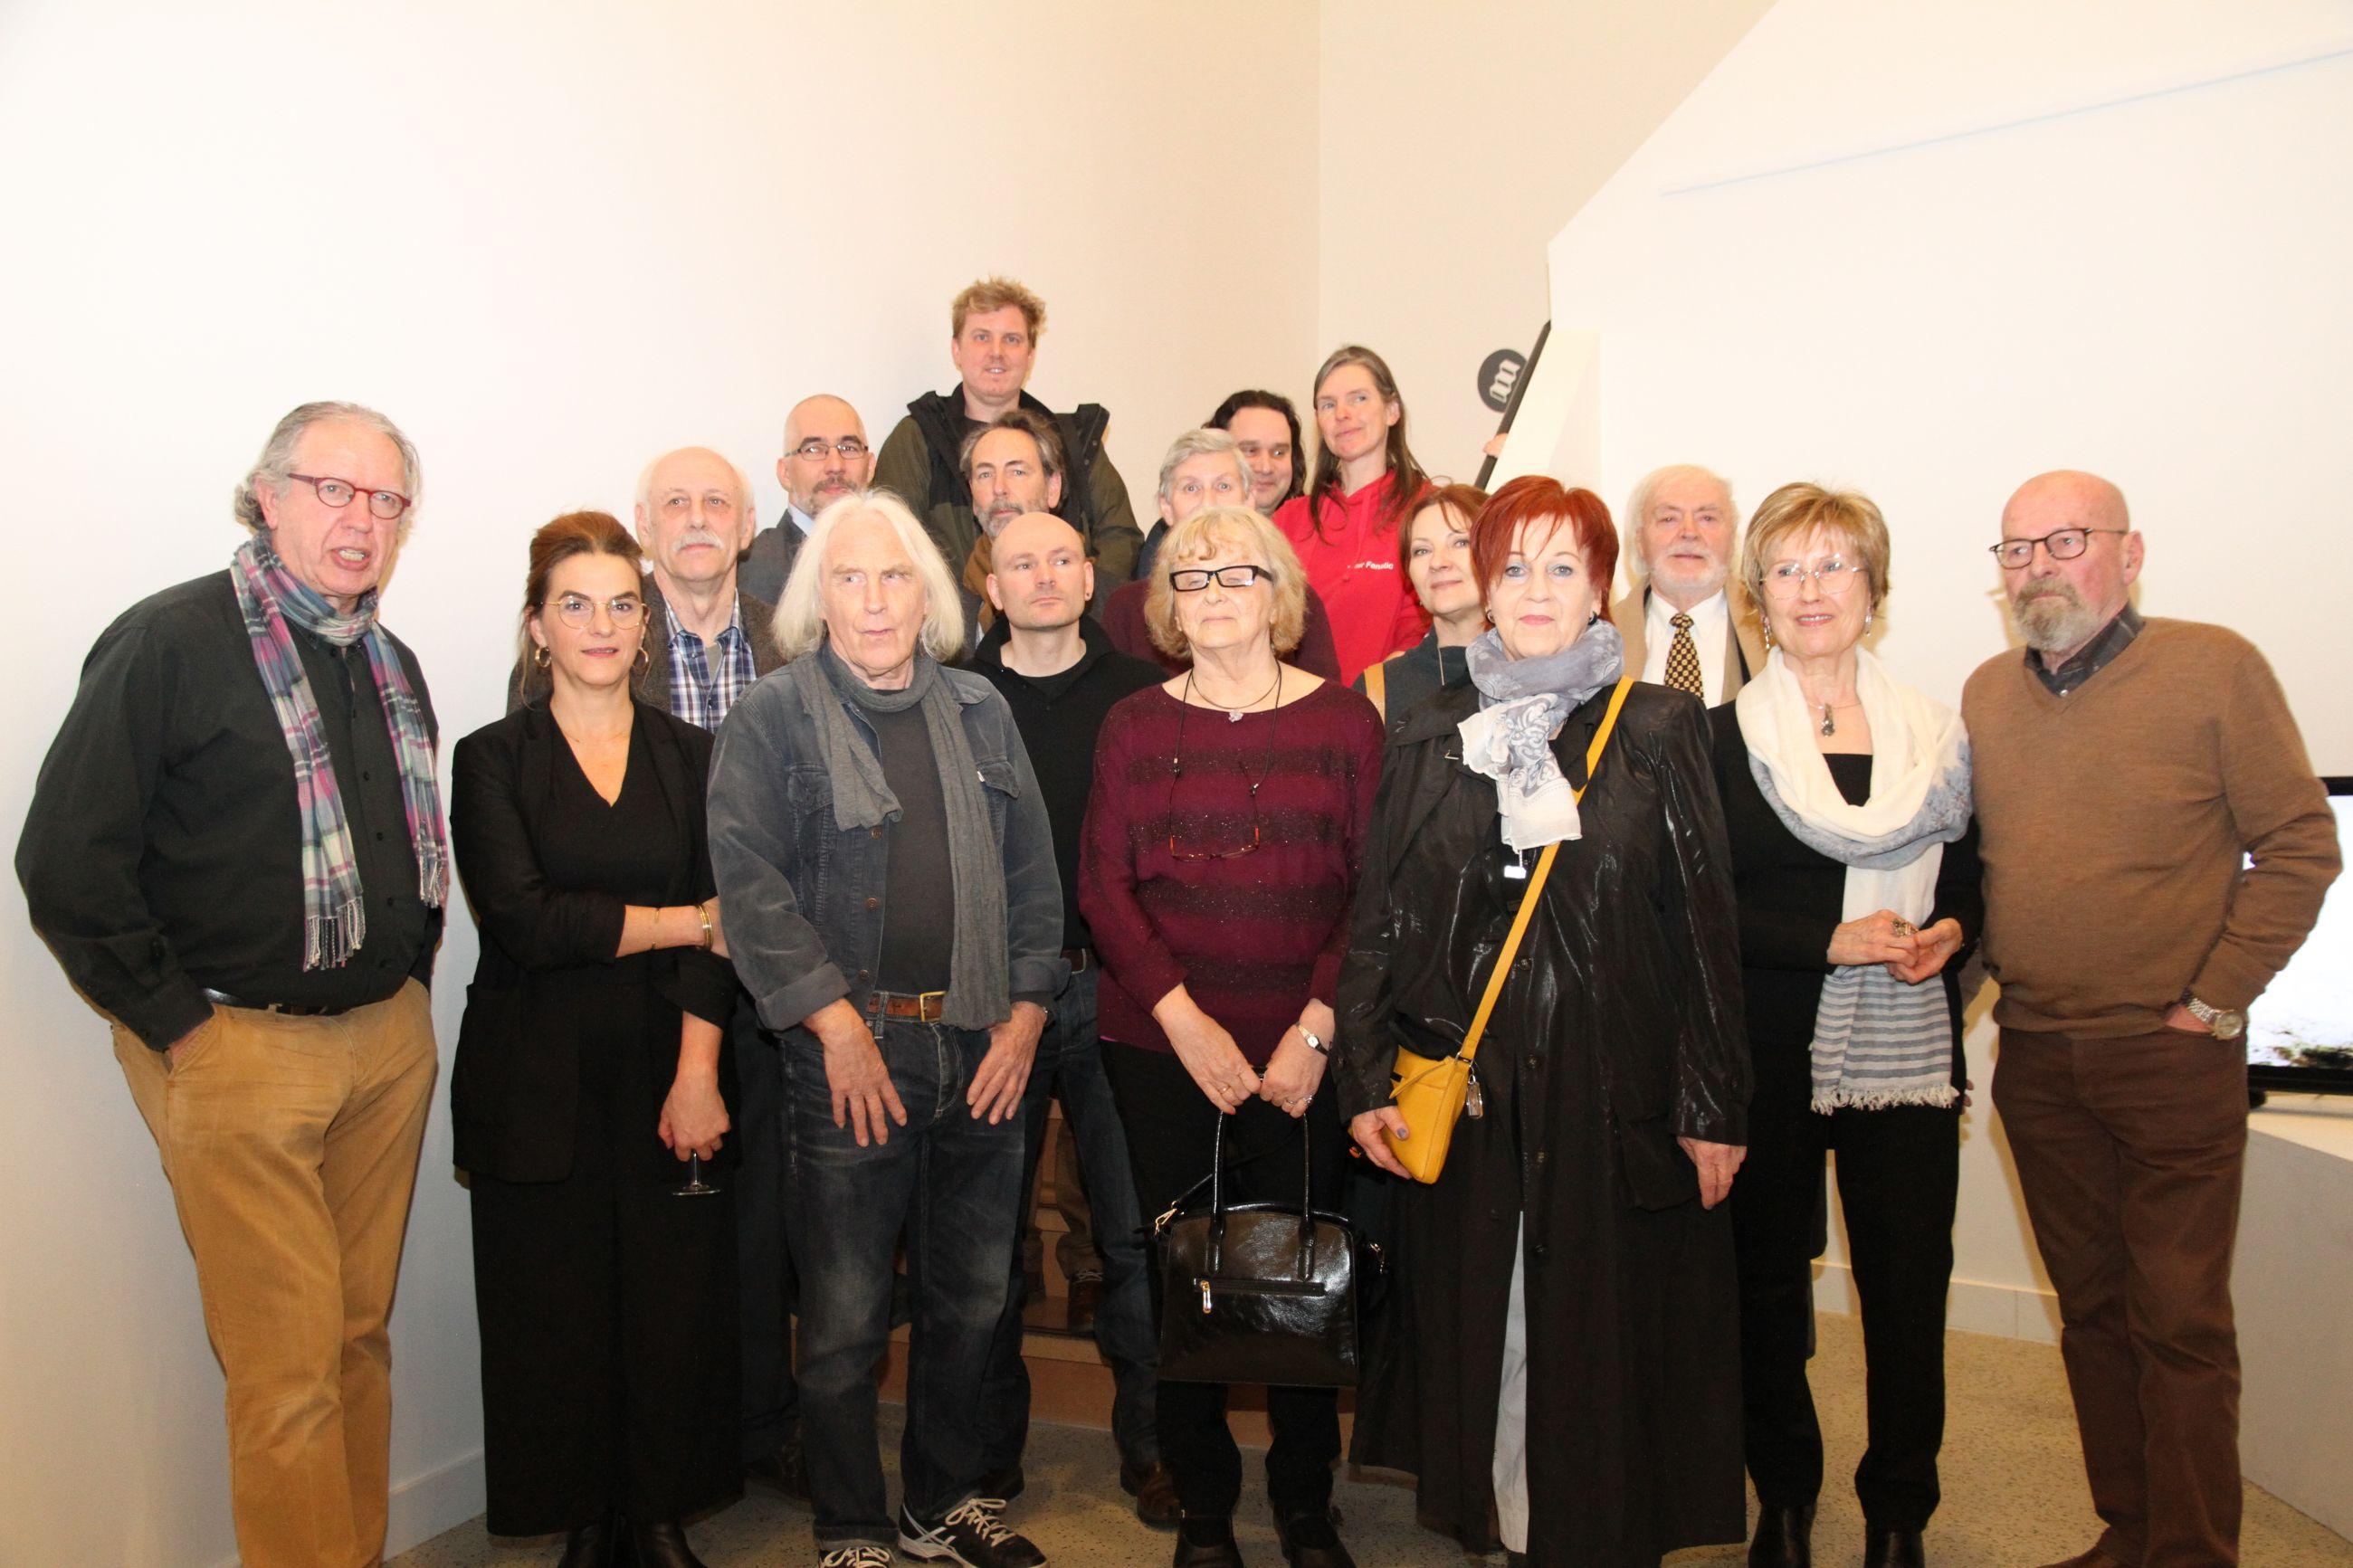 De diversiteit van 16 Heistse kunstenaars